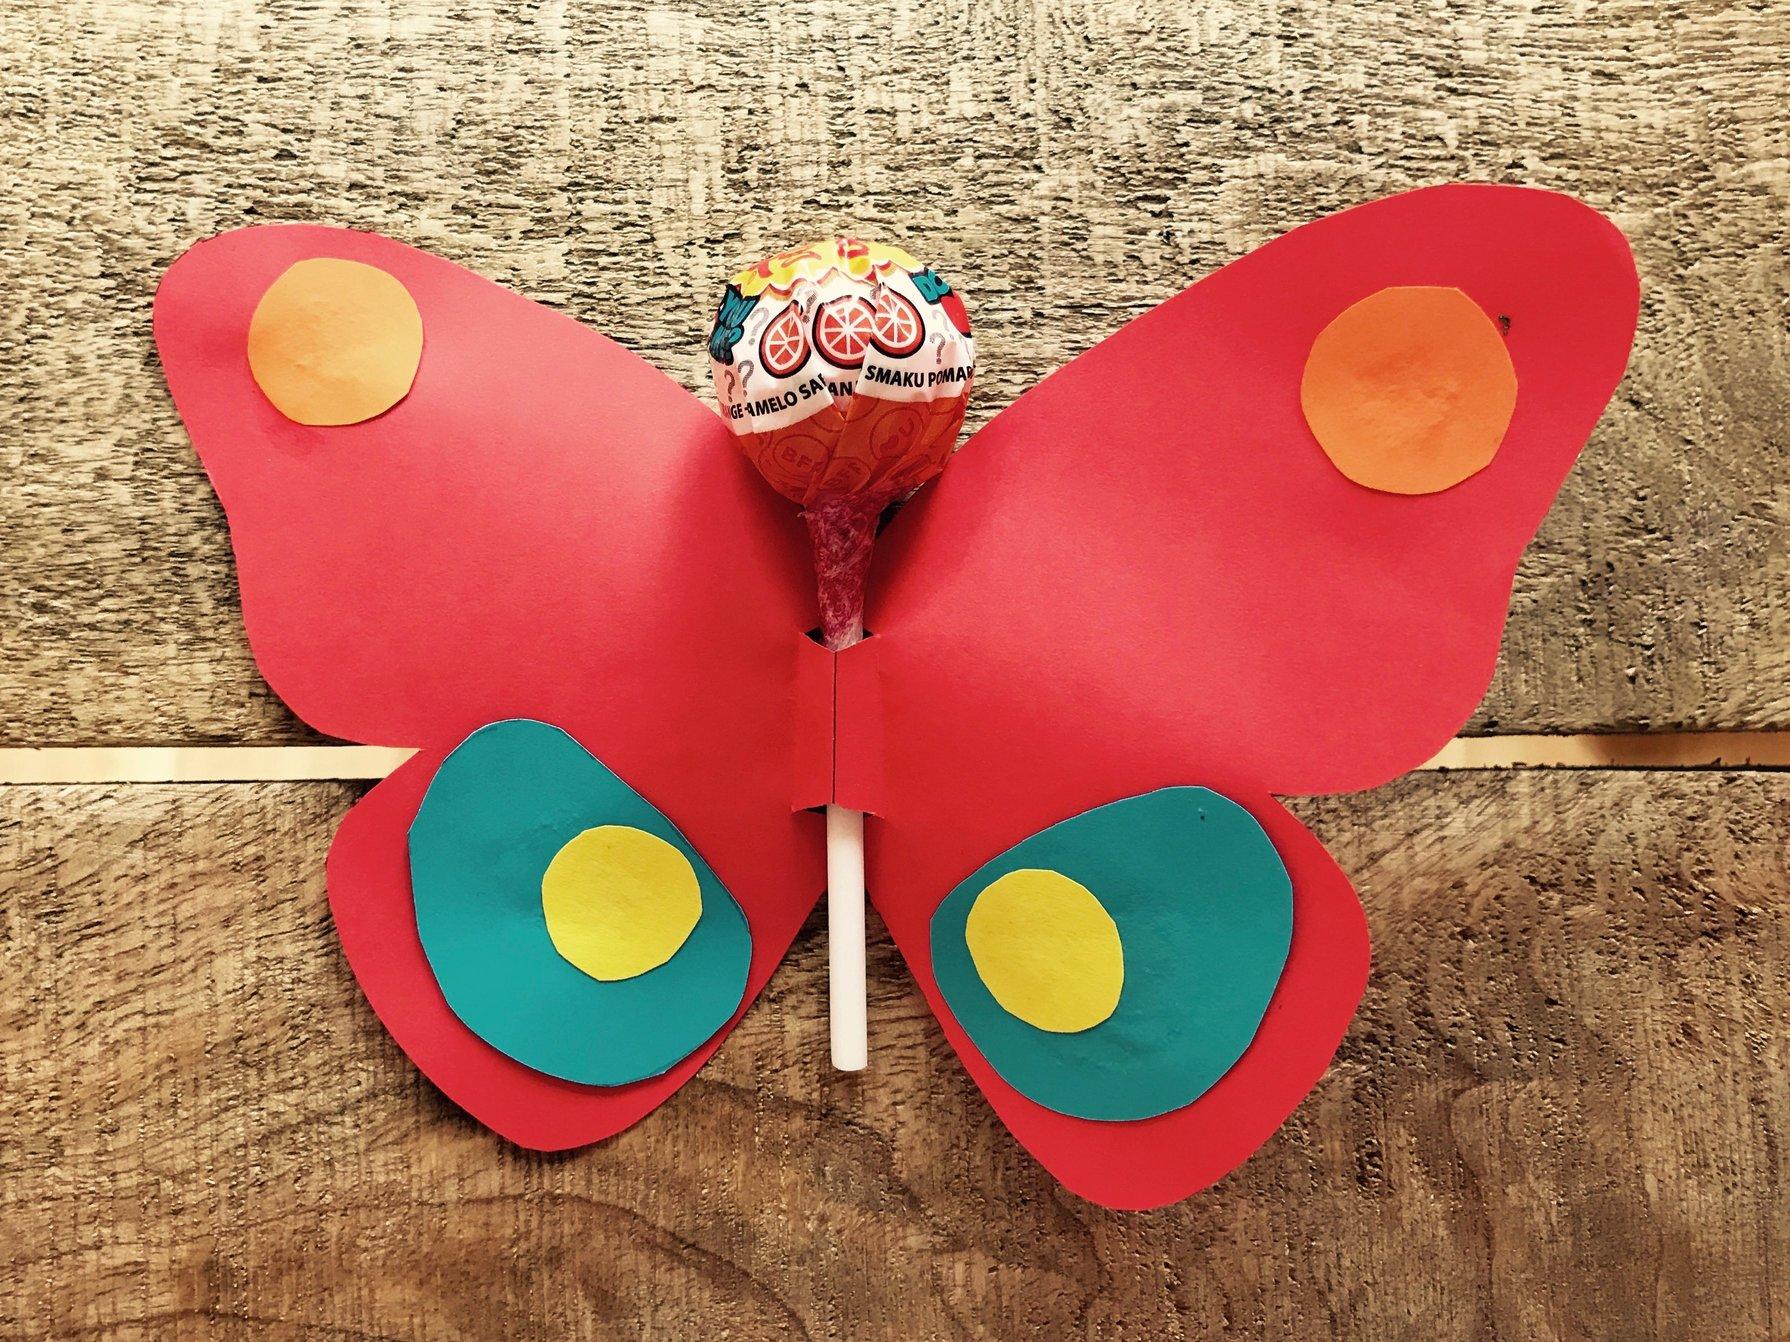 Geschenke für Schüler: Schmetterlings-Vorlage